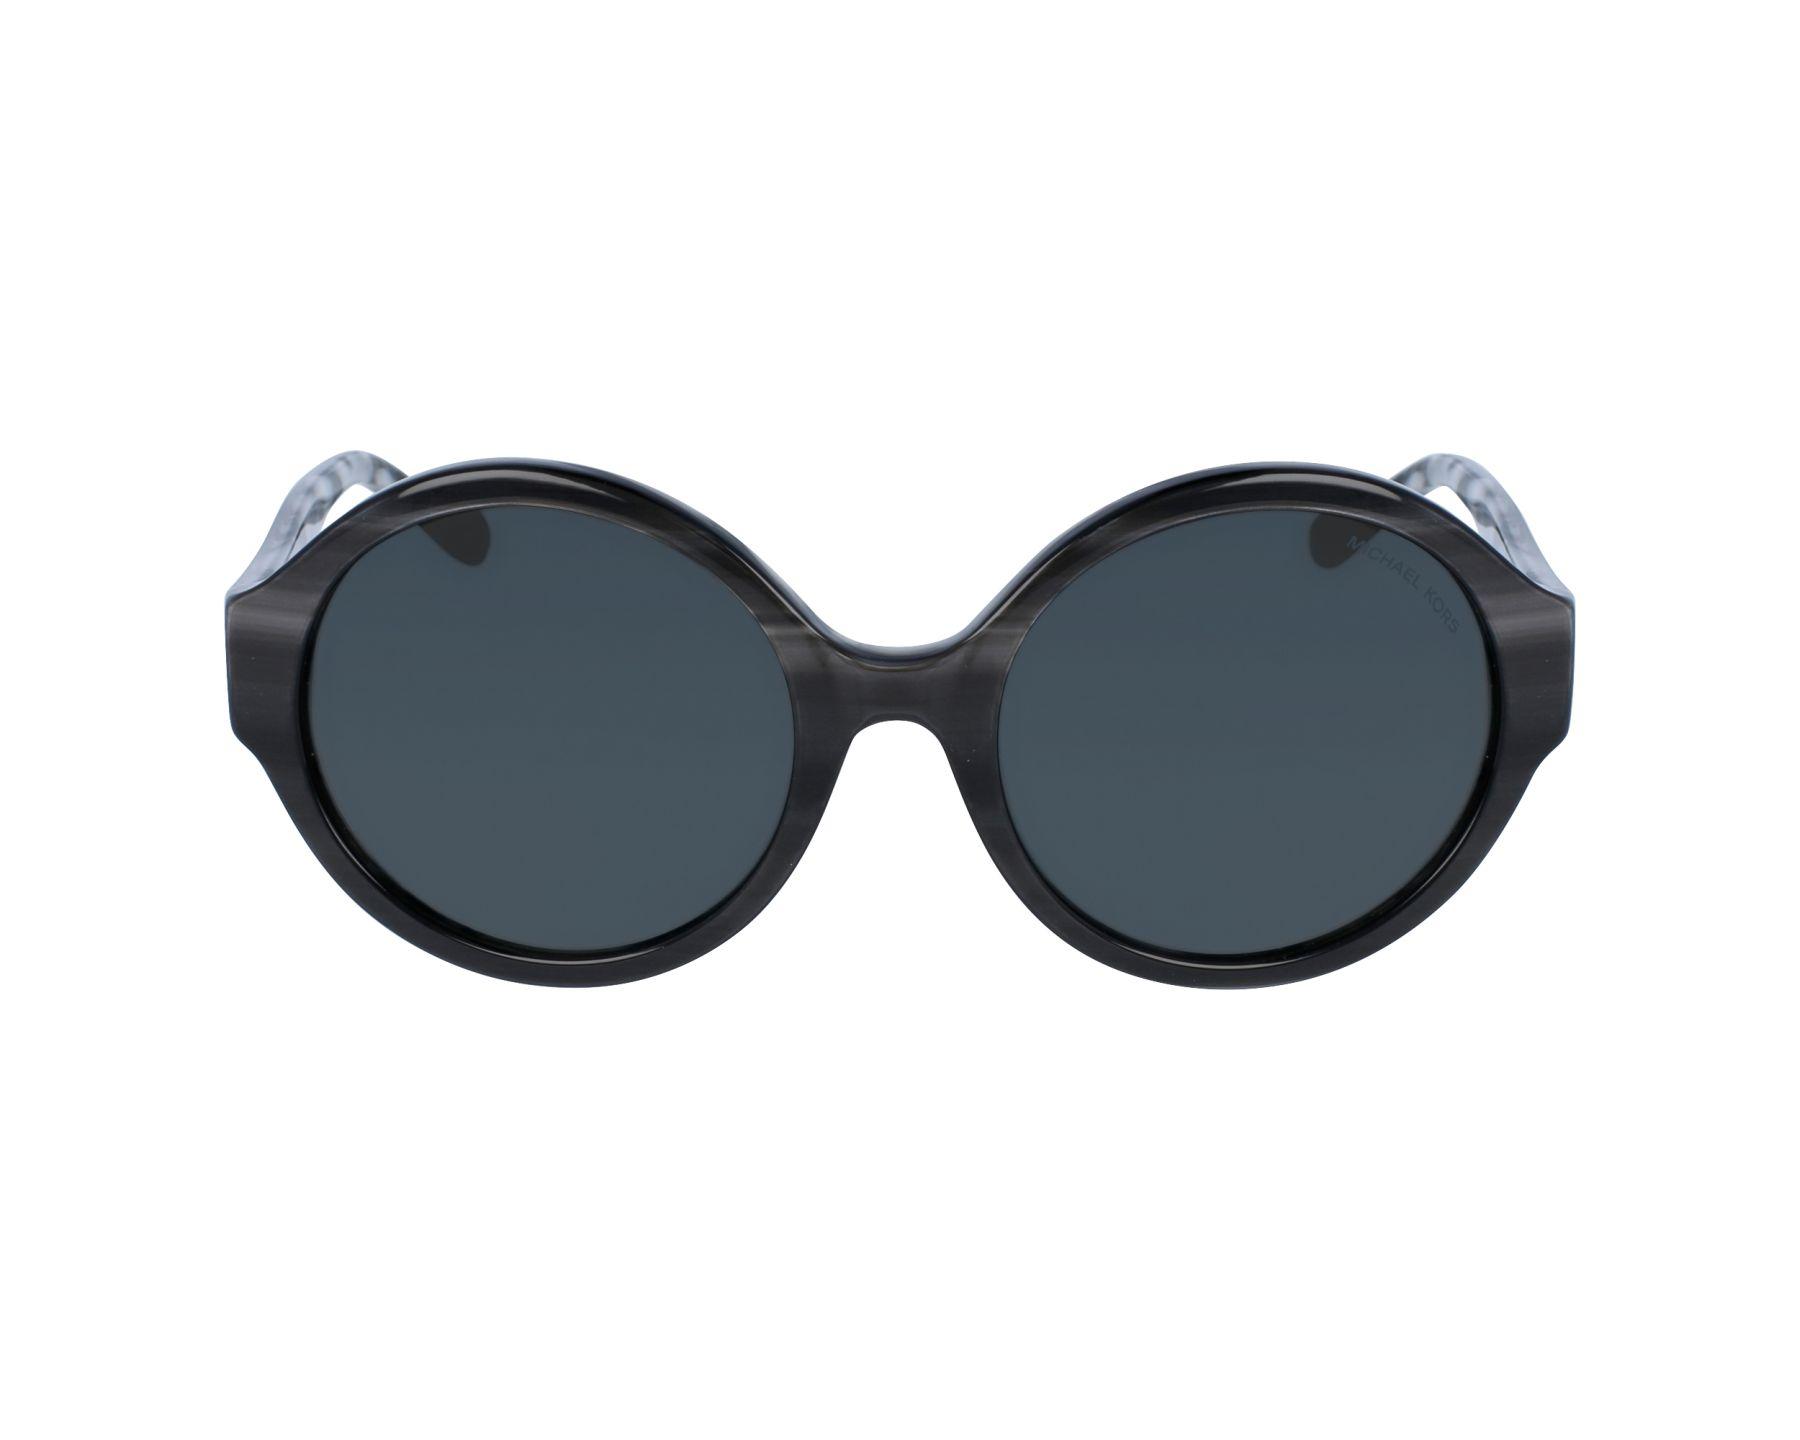 lunettes de soleil michael kors mk 2035 321187 noir avec des verres gris. Black Bedroom Furniture Sets. Home Design Ideas